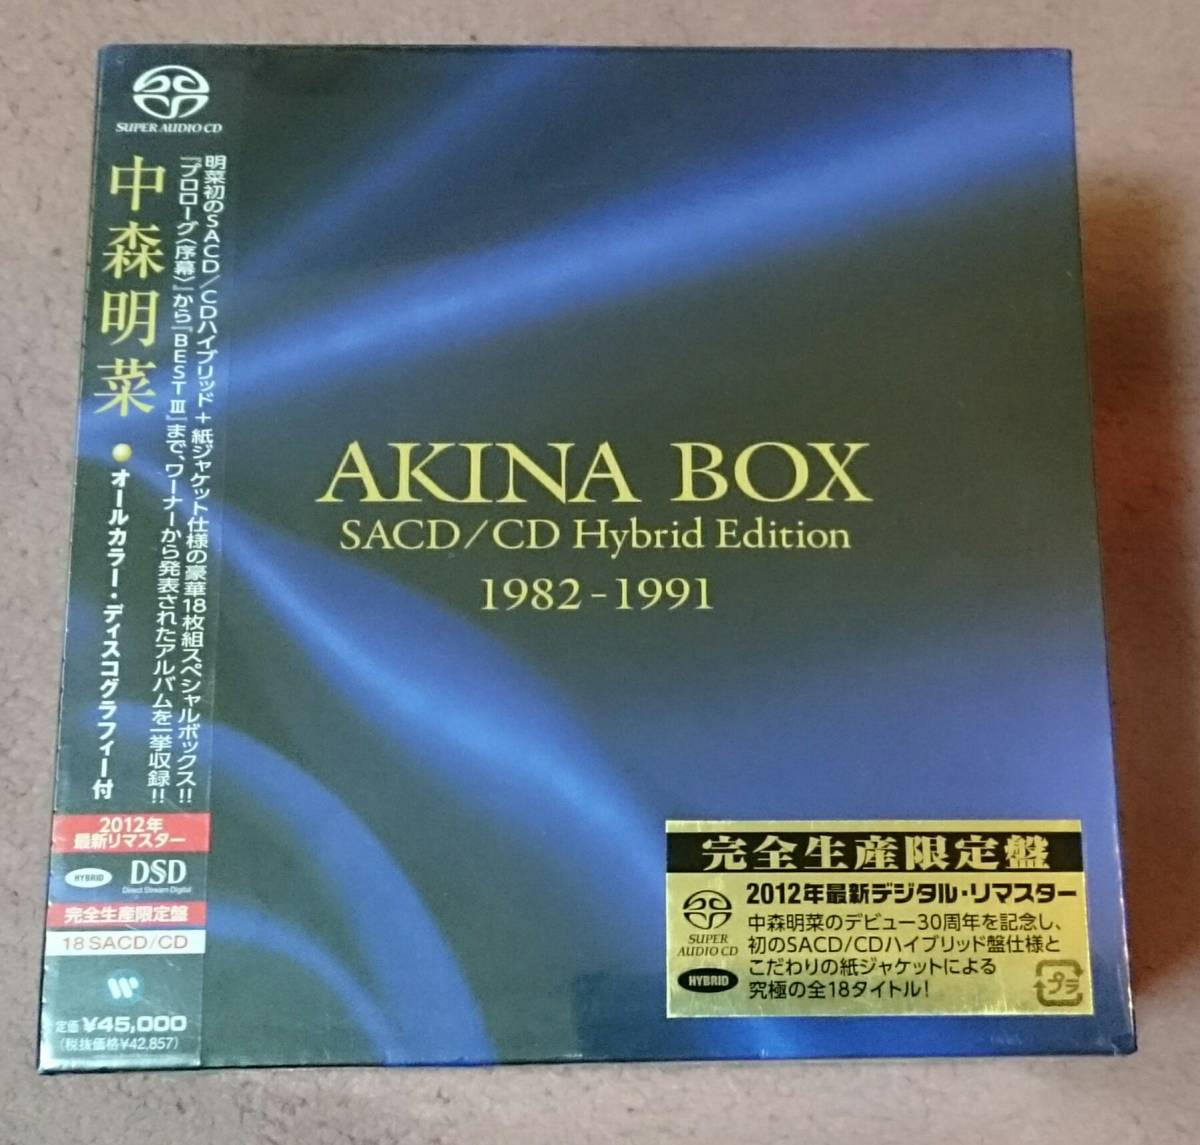 【未開封】 中森明菜 AKINA BOX 1982-1991 (紙ジャケット&SACD/CDハイブリッド仕様) CDアルバム18枚組BOX 完全生産限定盤 入手困難